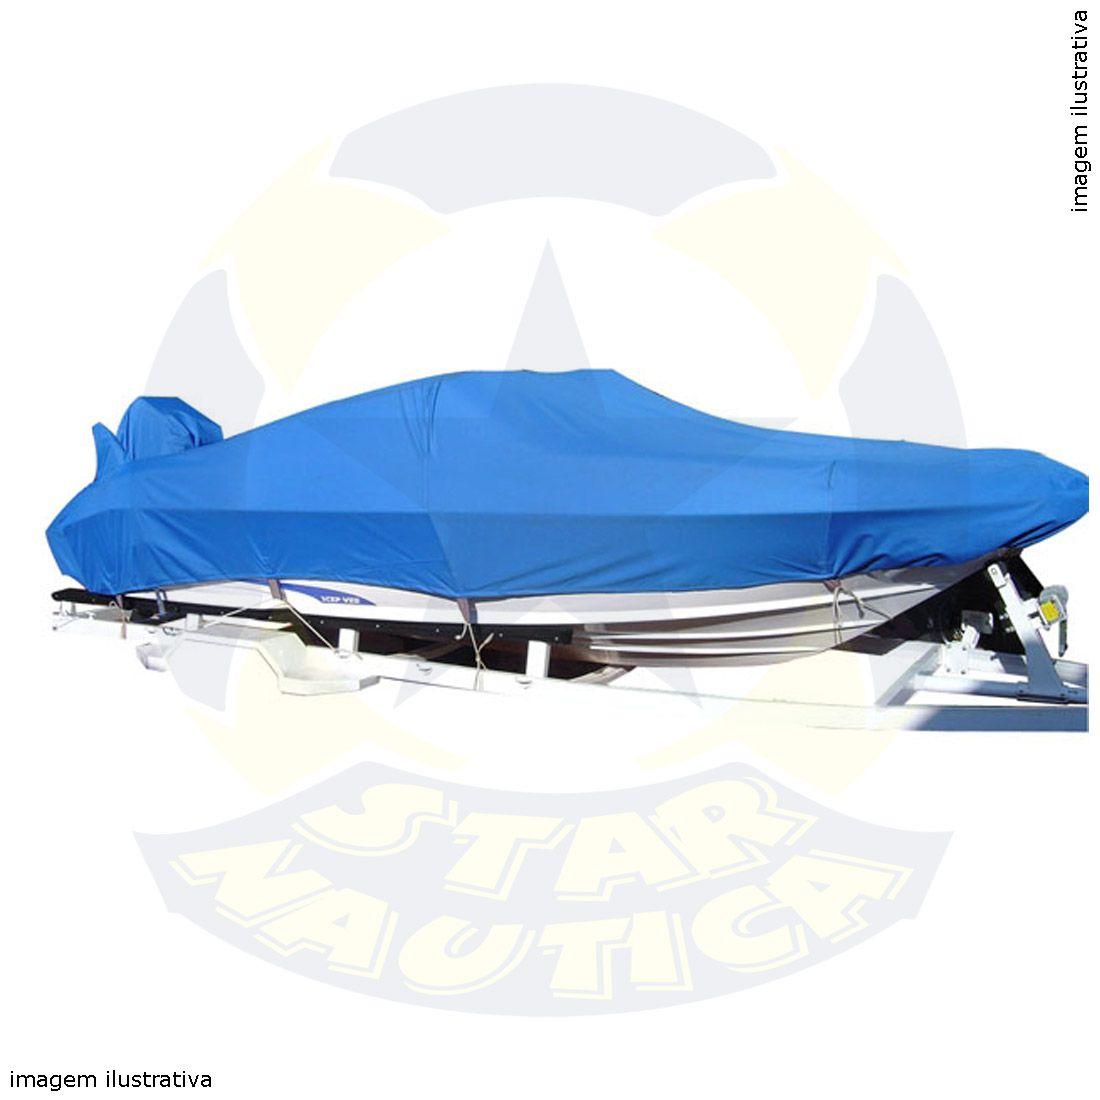 Capa Lona de Cobertura Lancha de Fibra 21 Pés Lona Poliéster